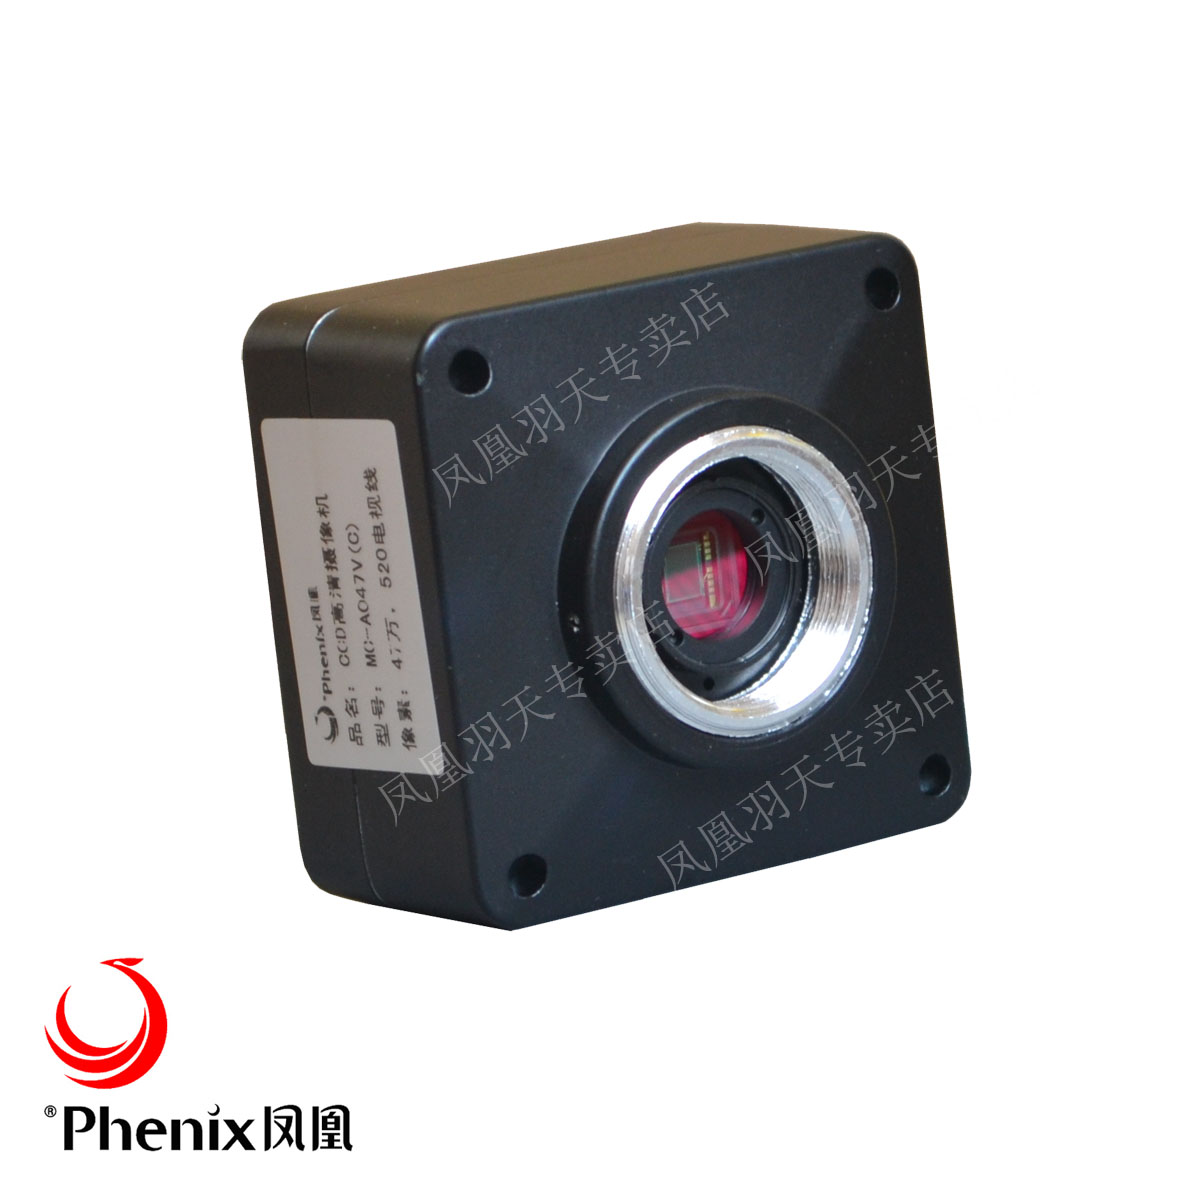 显微镜摄像头MC-HD130UV(C)高清视频可接电视机和电脑